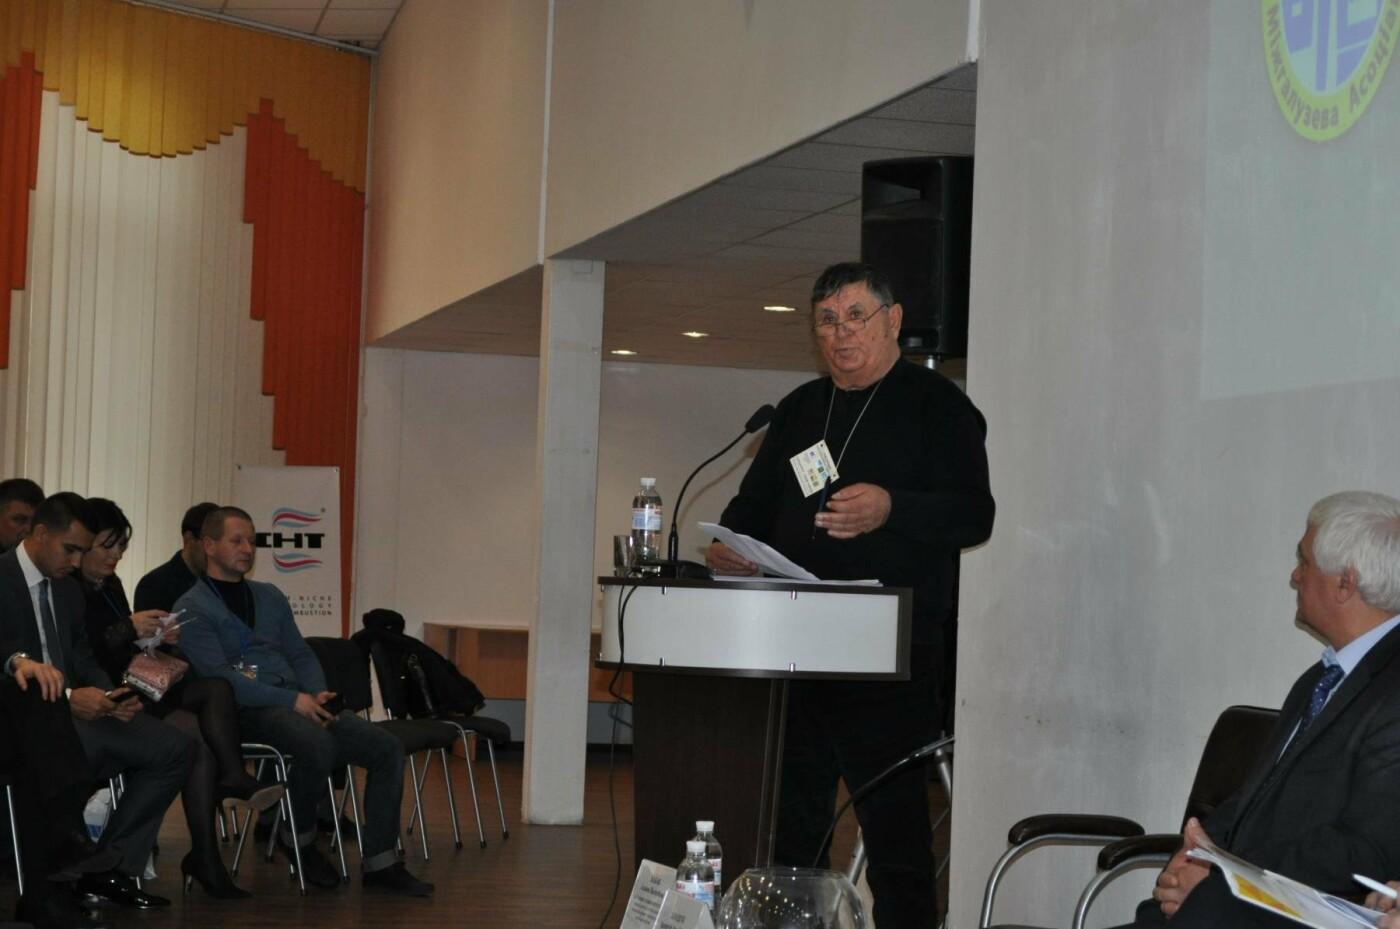 Поділилися досвідом - забрали нагороду: КП «Міськтепловоденергія» взяла участь у Міжнародному конгресі з питань ЖКГ, фото-1